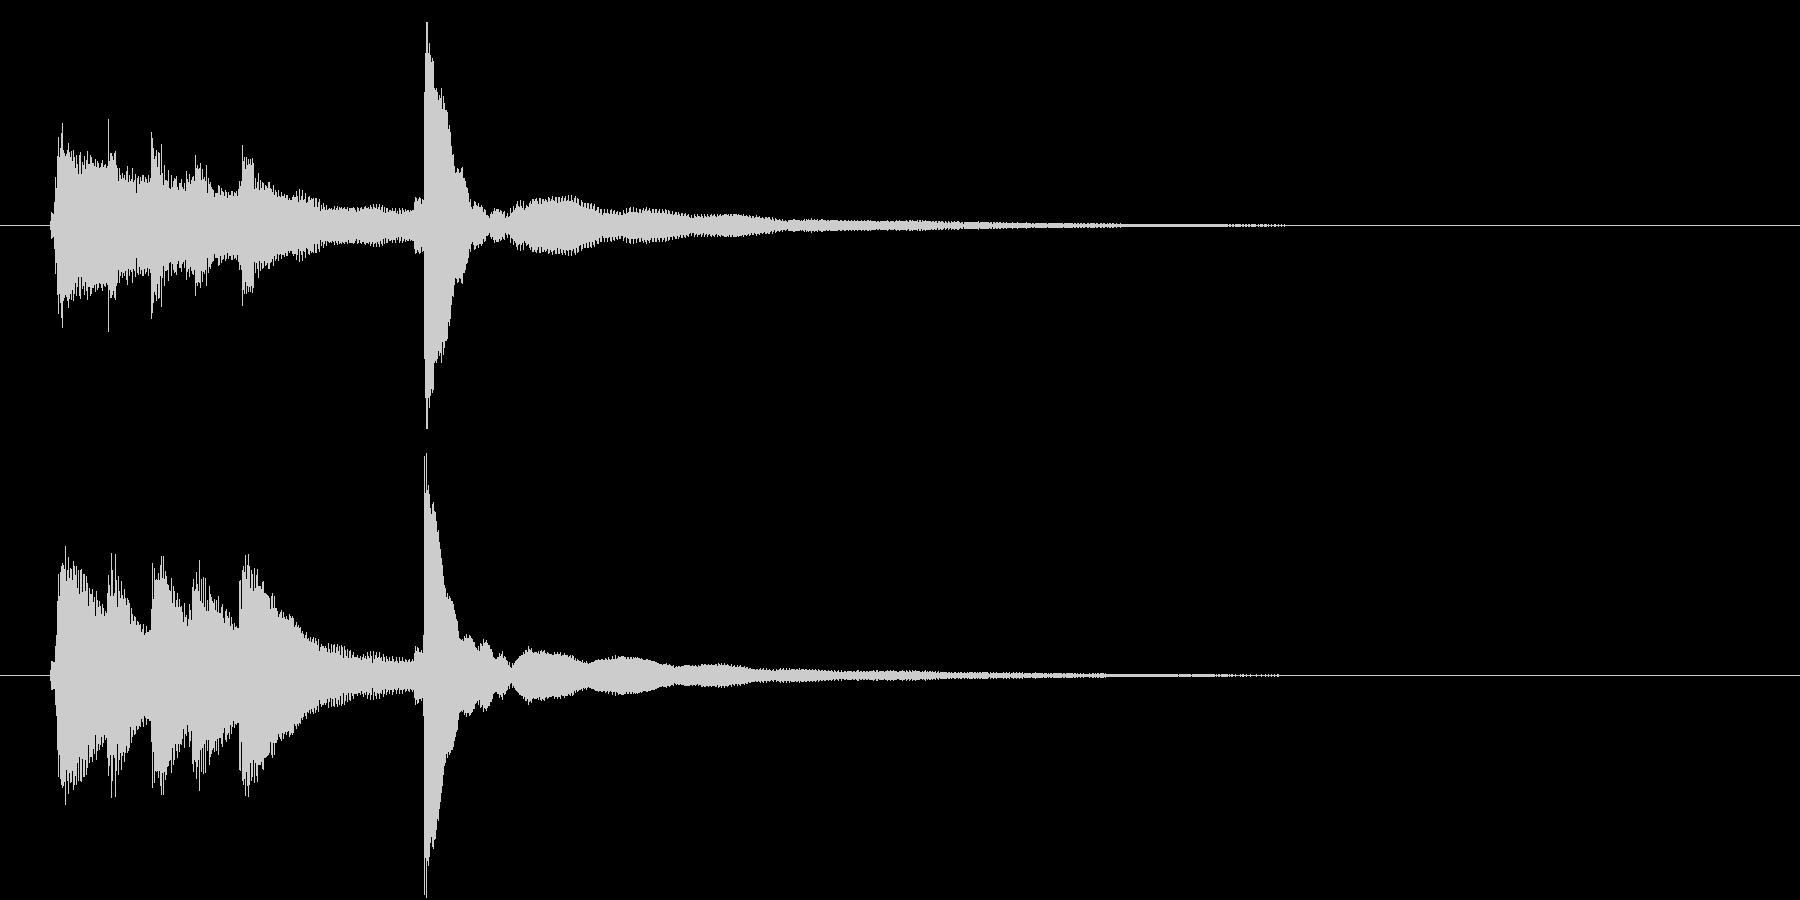 爽やかでシンプルなピアノ音のロゴ の未再生の波形